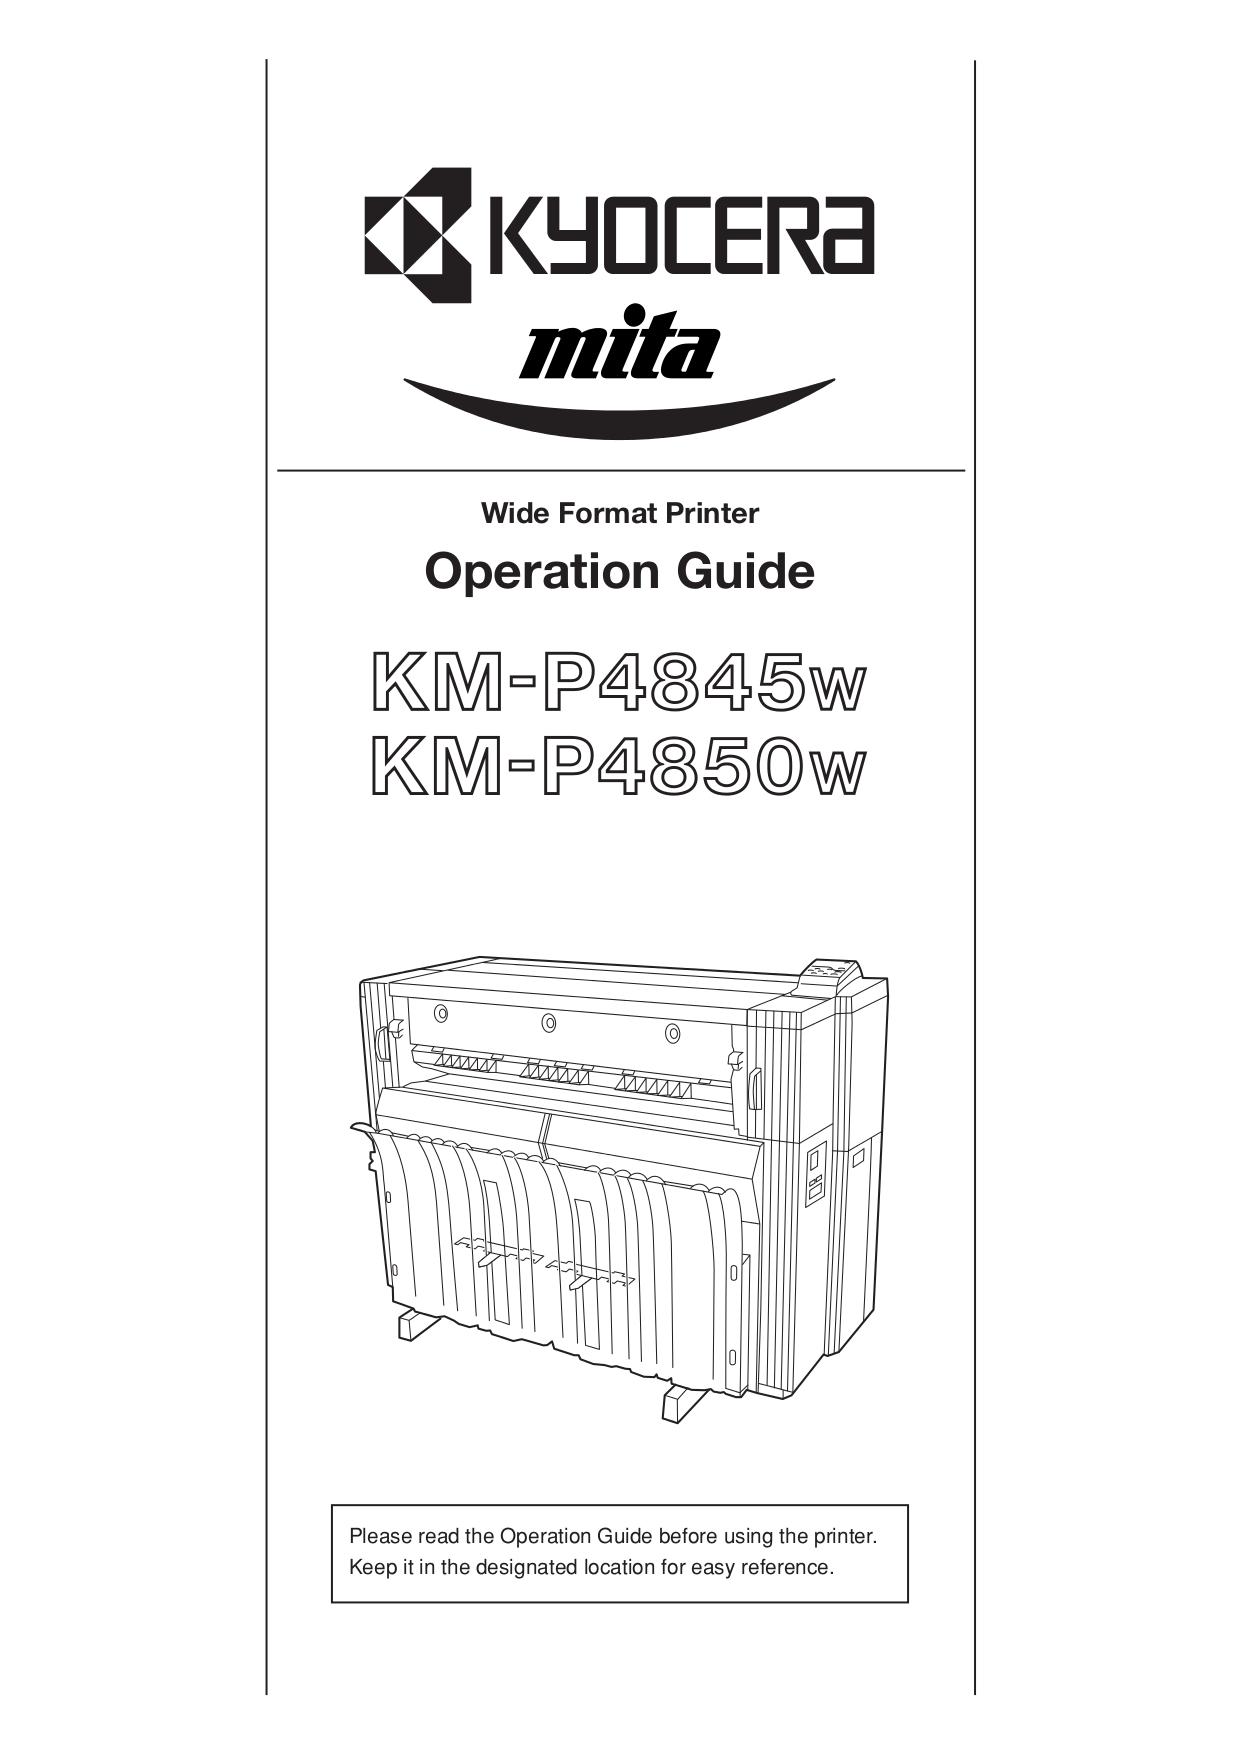 pdf for Kyocera Printer KM-P4850w manual